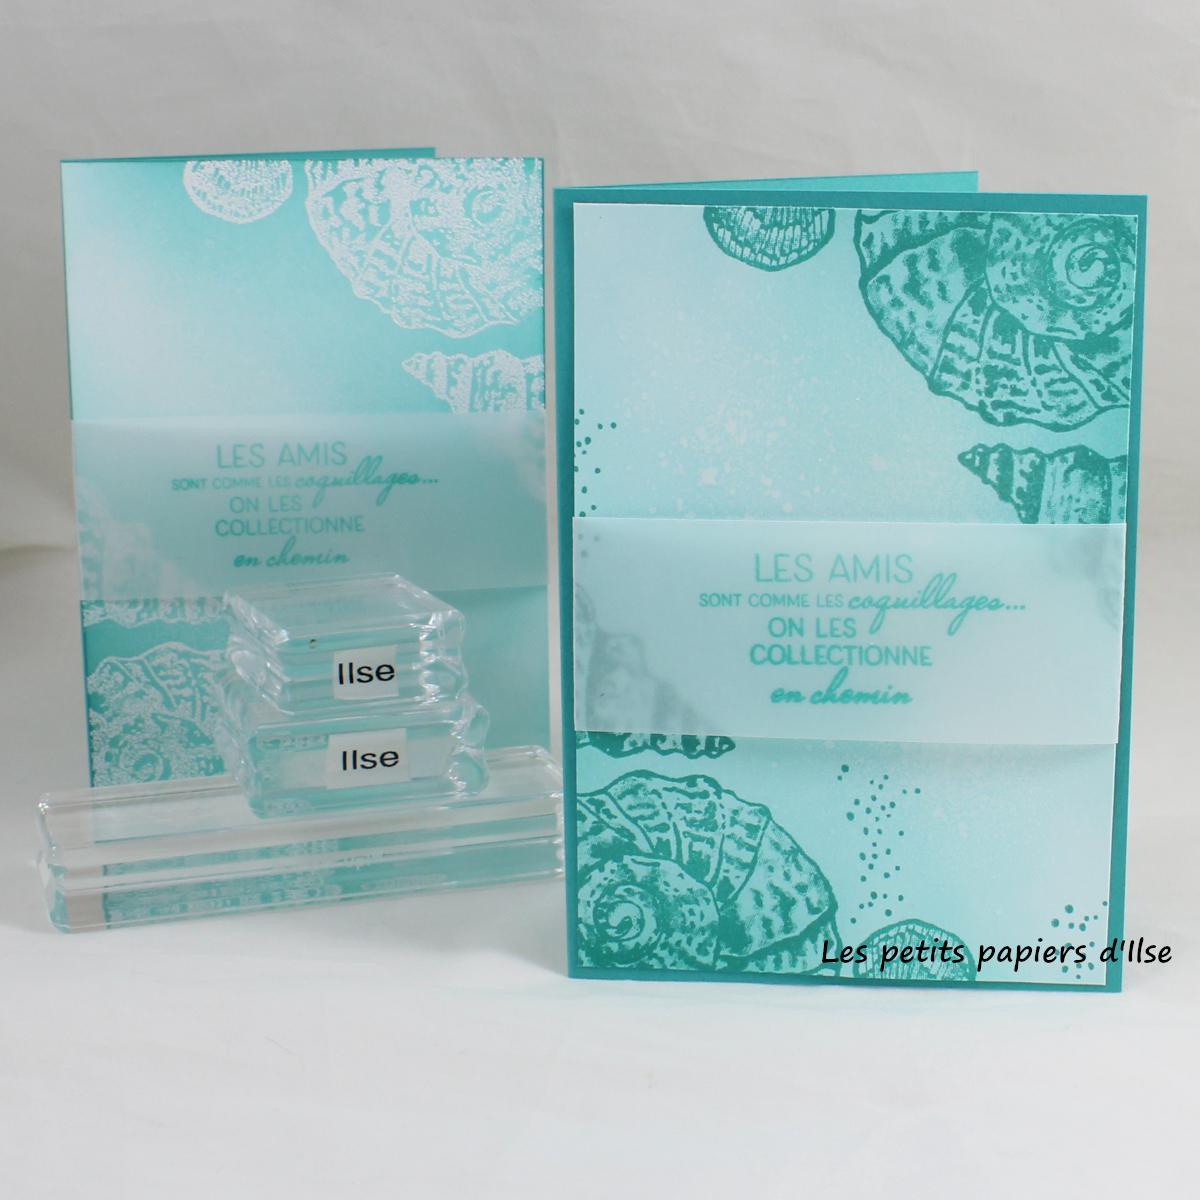 Photo des cartes aux coquillages nacrés en deux versions